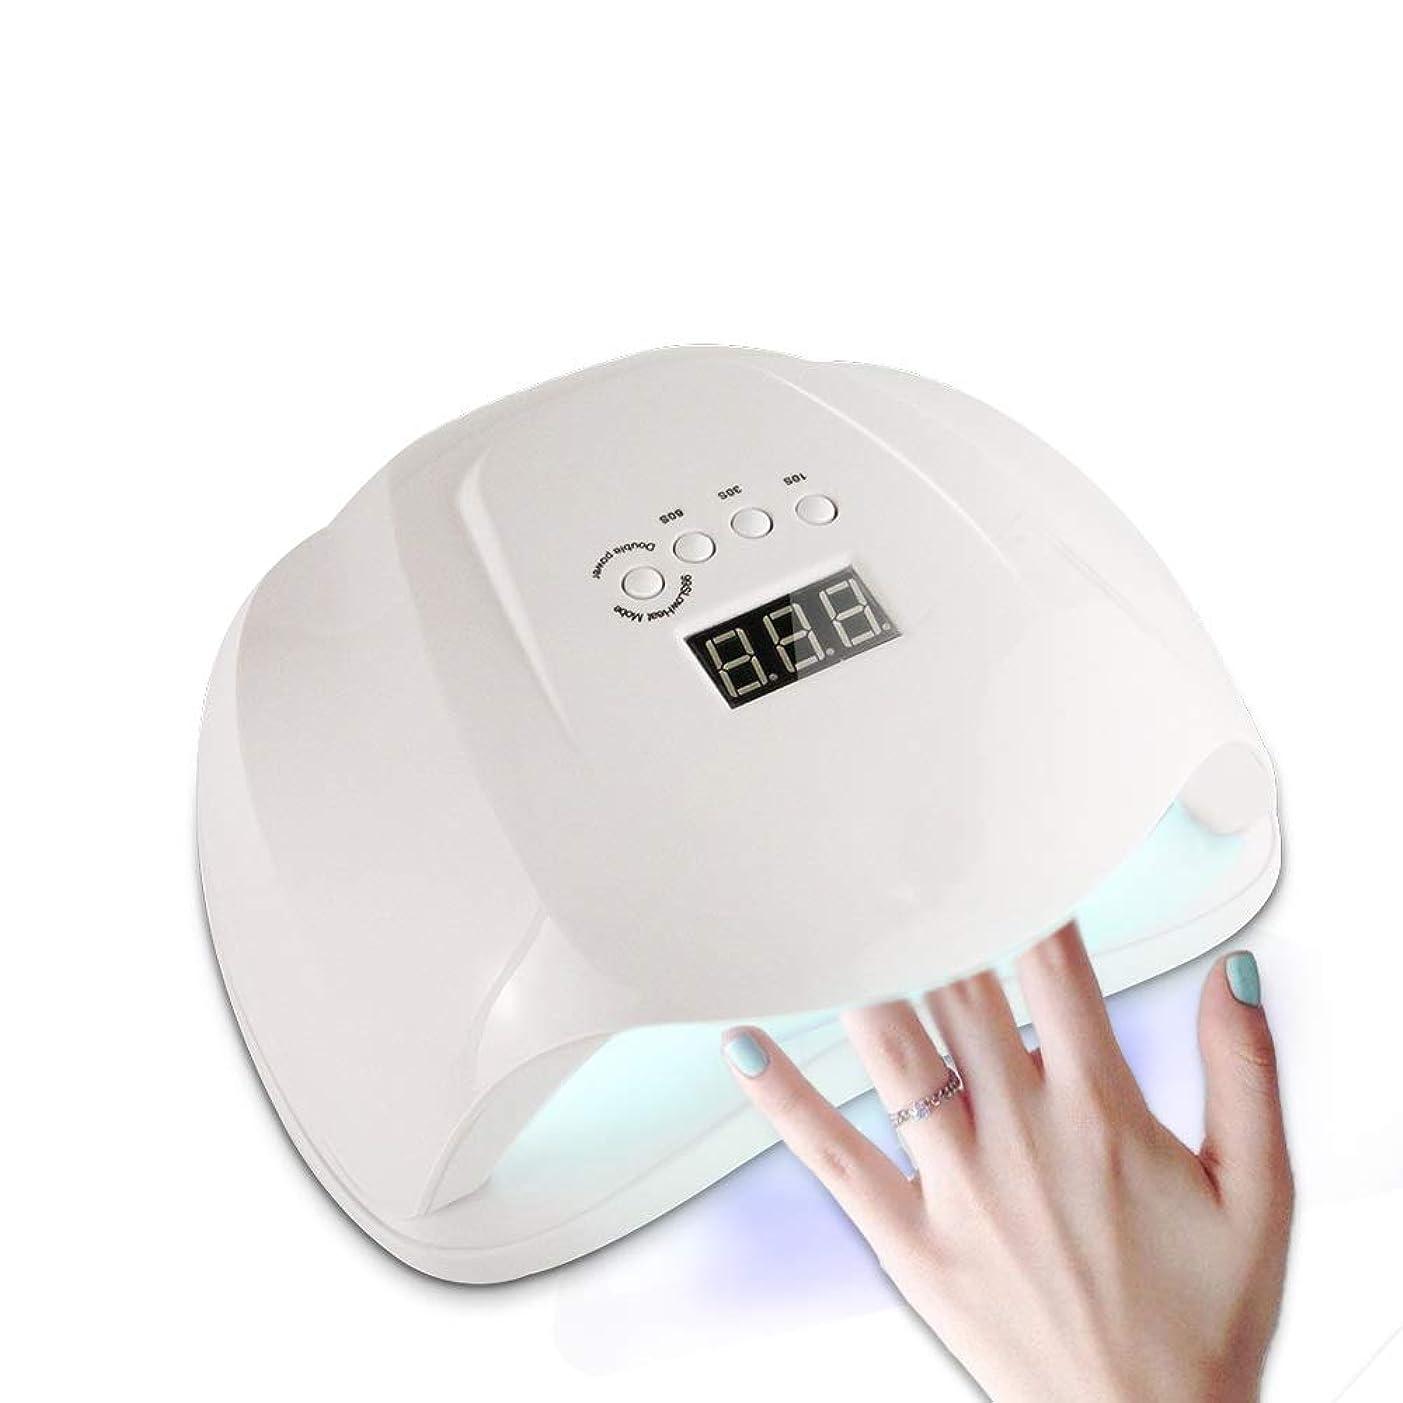 スナック鋭く恐ろしいネイル光線療法機 ネイルドライヤー-45Wネイルランプデュアル光源LED / UV誘導ネイルドライヤー光線療法ランプインテリジェントタイミング乾燥ランプ